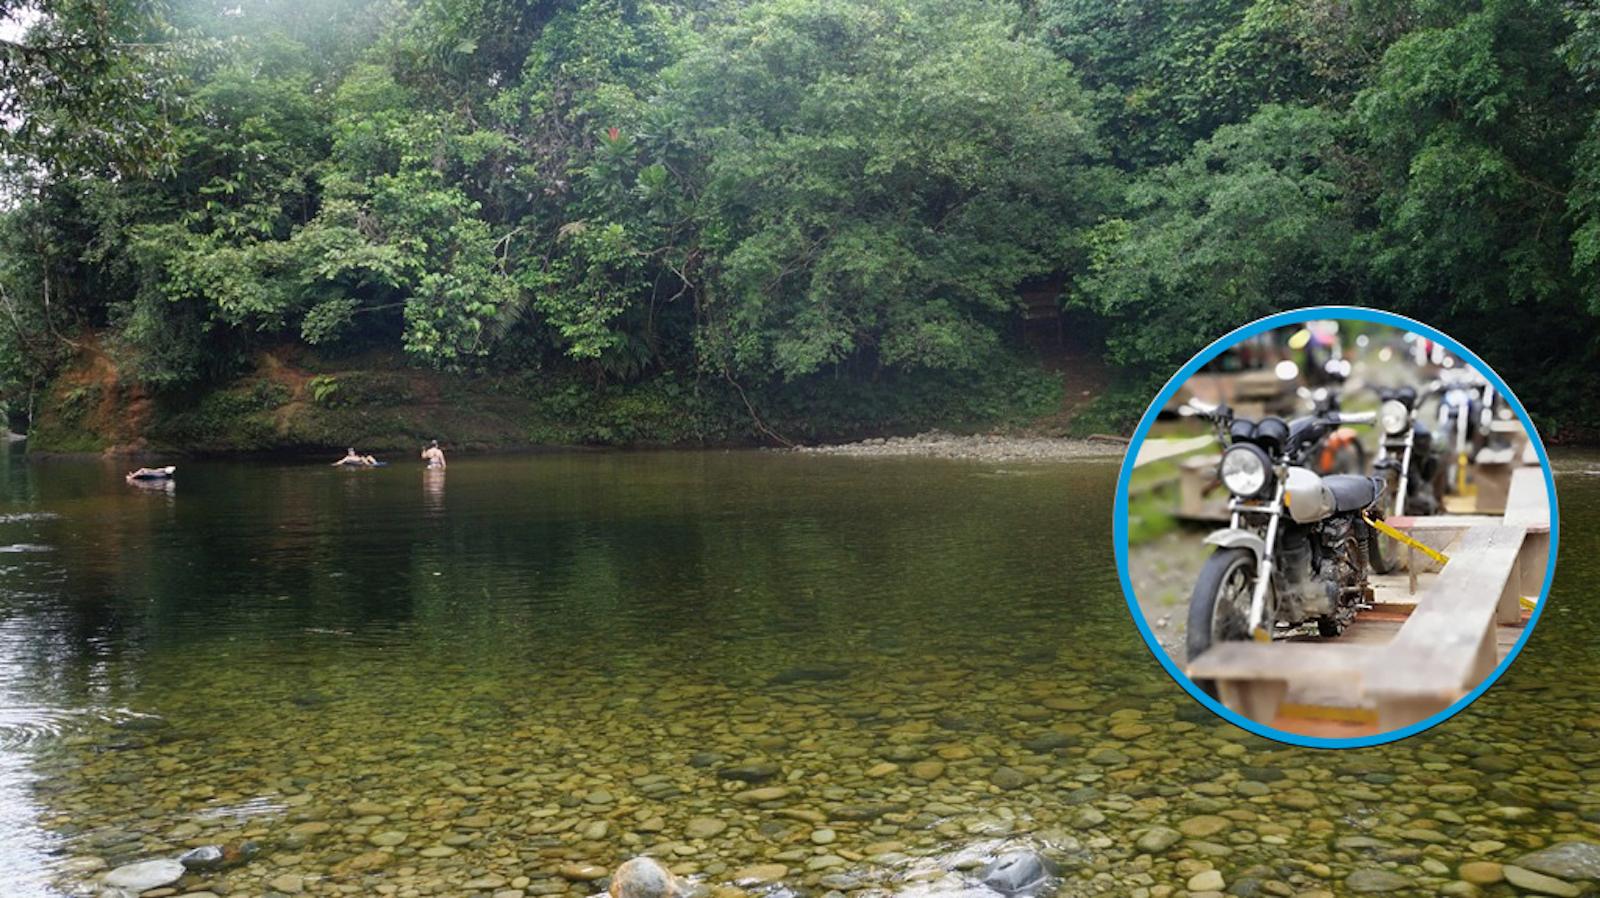 historias/valle-del-cauca/las-brujitas-son-el-medio-de-transporte-en-el-que-se-llega-a-una-reserva-natural-en-el-mar-pacifico-